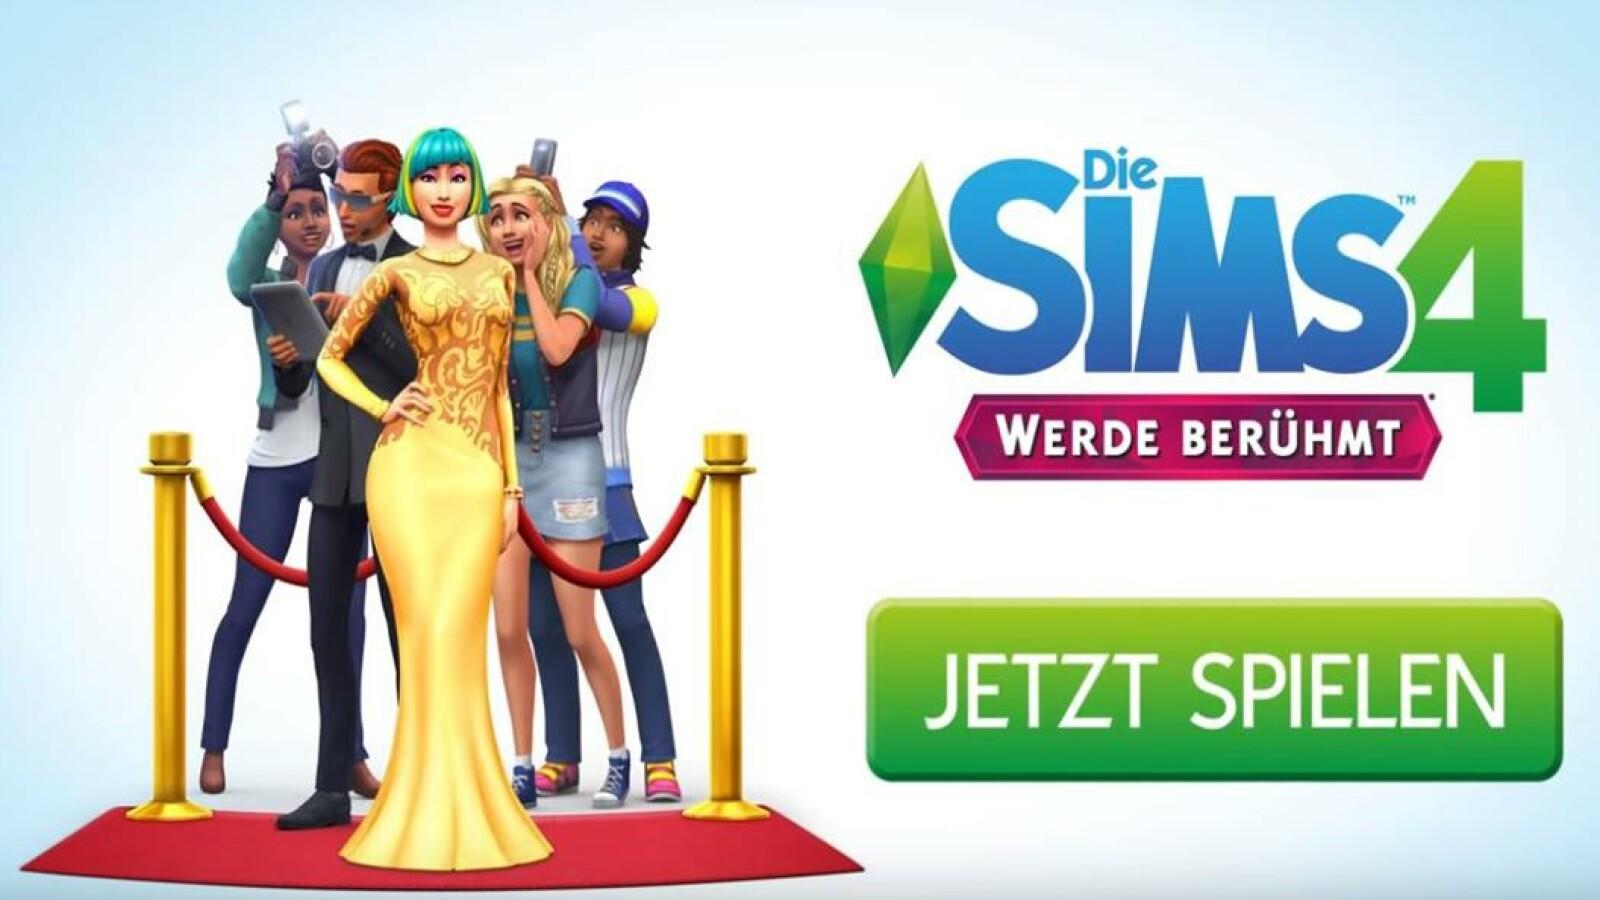 Die Sims 4 Alle Accessoires Packs Für Die Sims 4 Netzwelt